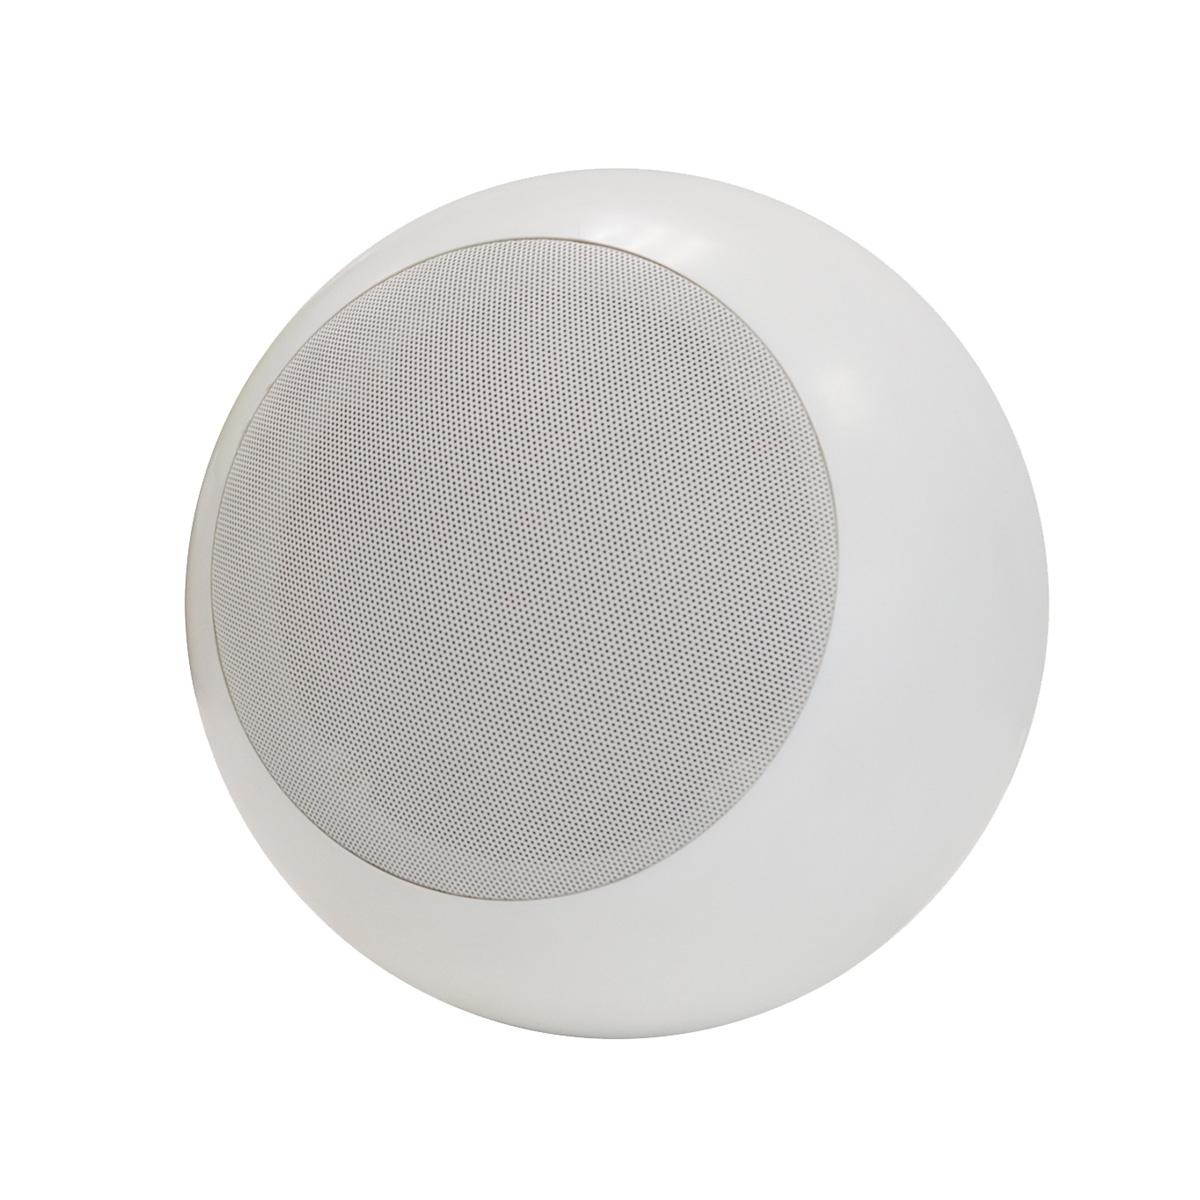 Ecler eUC106WH - Подвесной всепогодный сферический громкоговоритель 40 Вт – 8 Ом, 32 Вт – 100 В